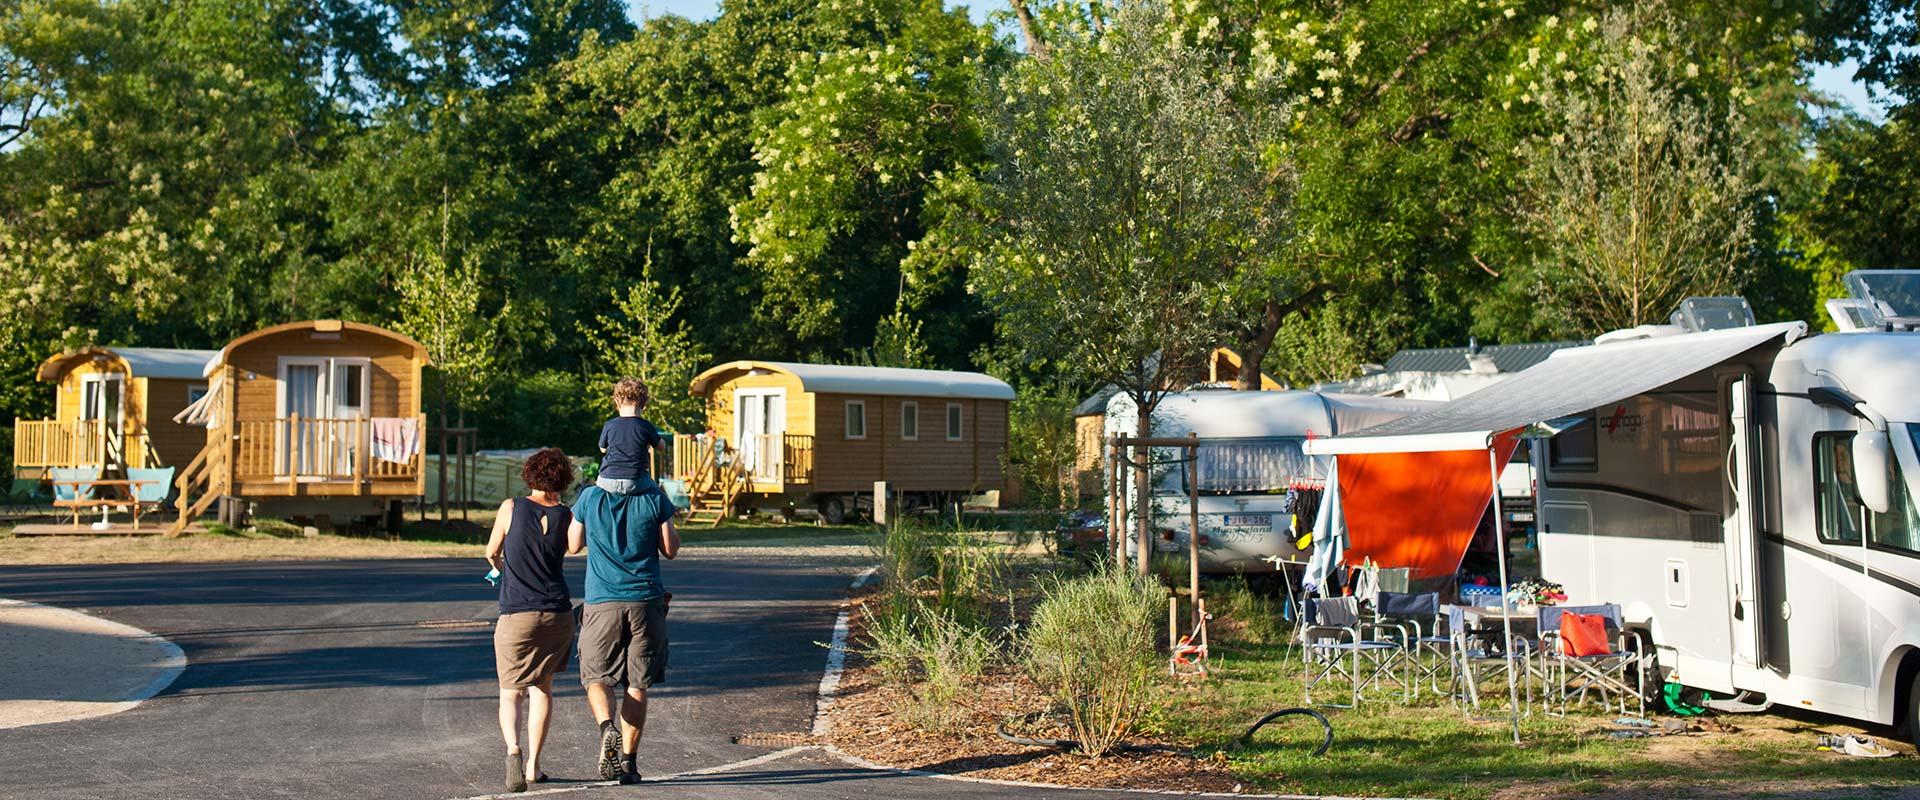 Camping Strasbourg mein-PLATZ